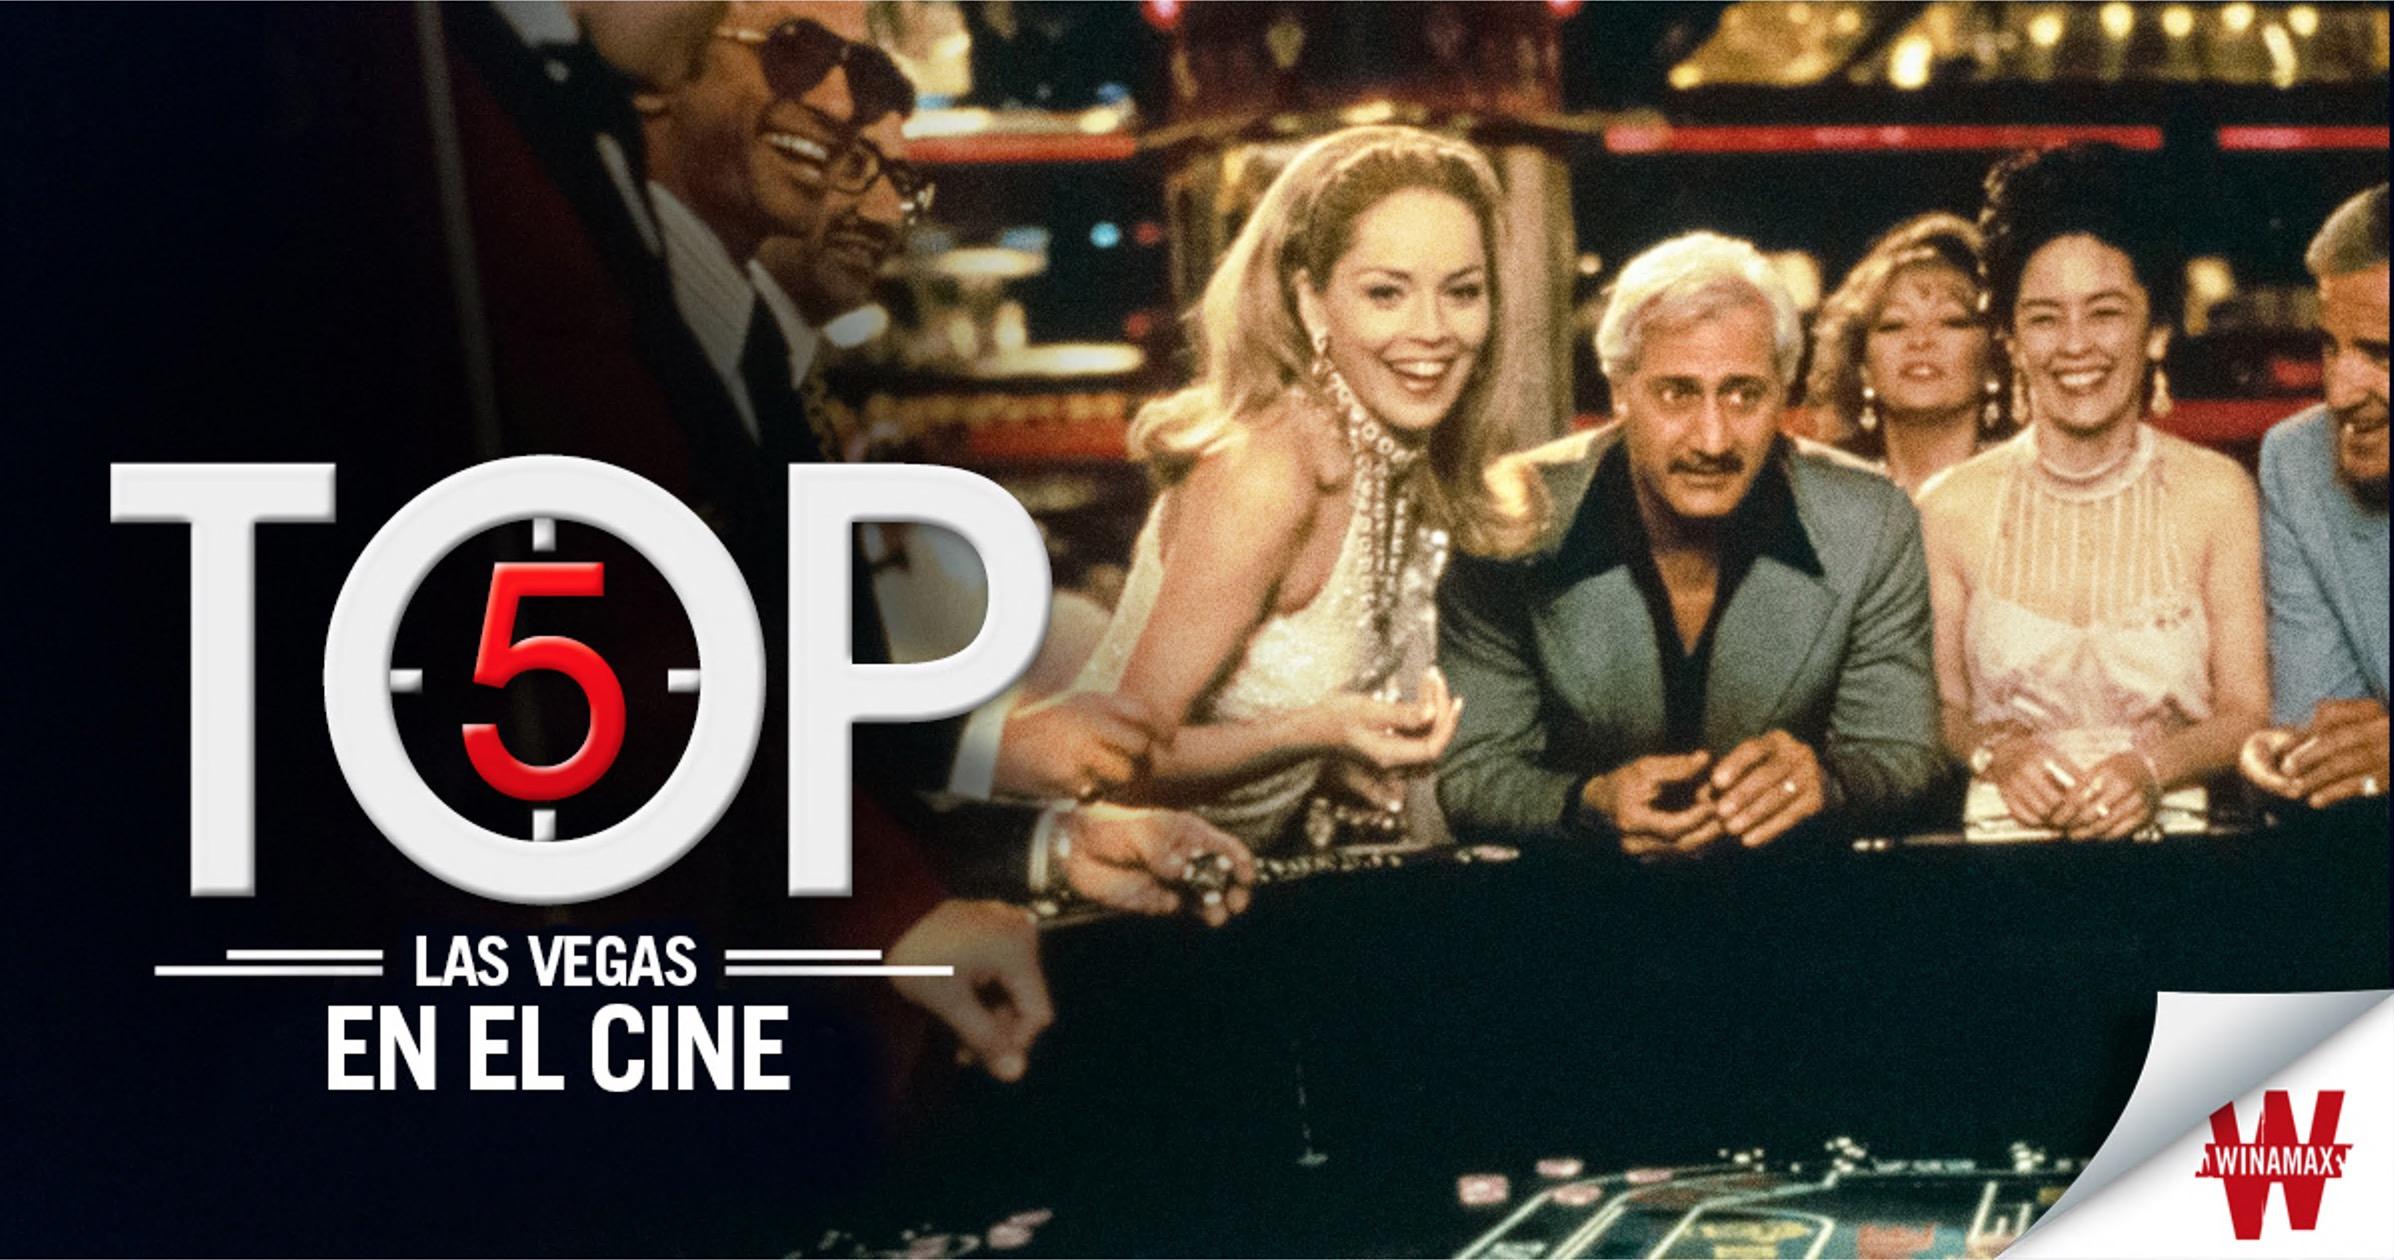 Top 5 Las Vegas En El Cine Actualité Winamax